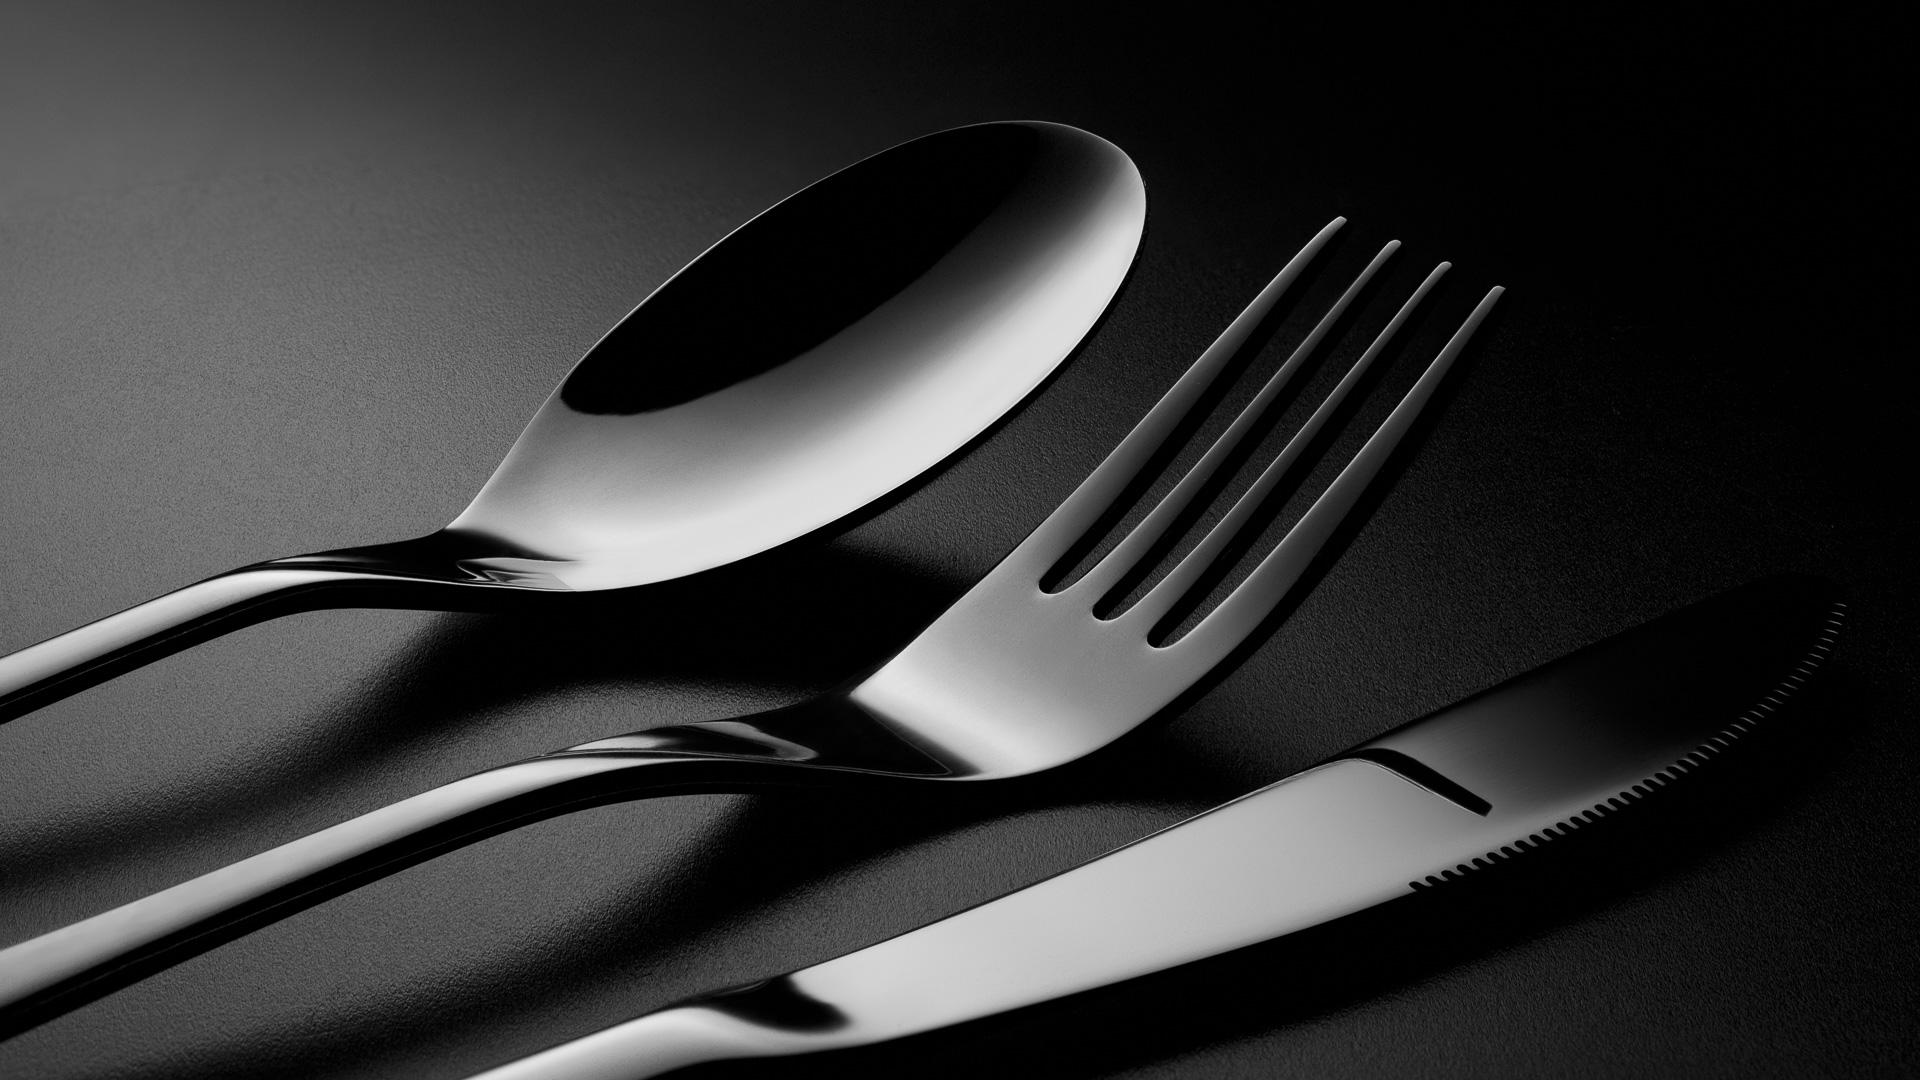 fotografo-cucchiaio-forchetta-coltello-still-life-acciaio-metallo-Venezia-Padova-Treviso